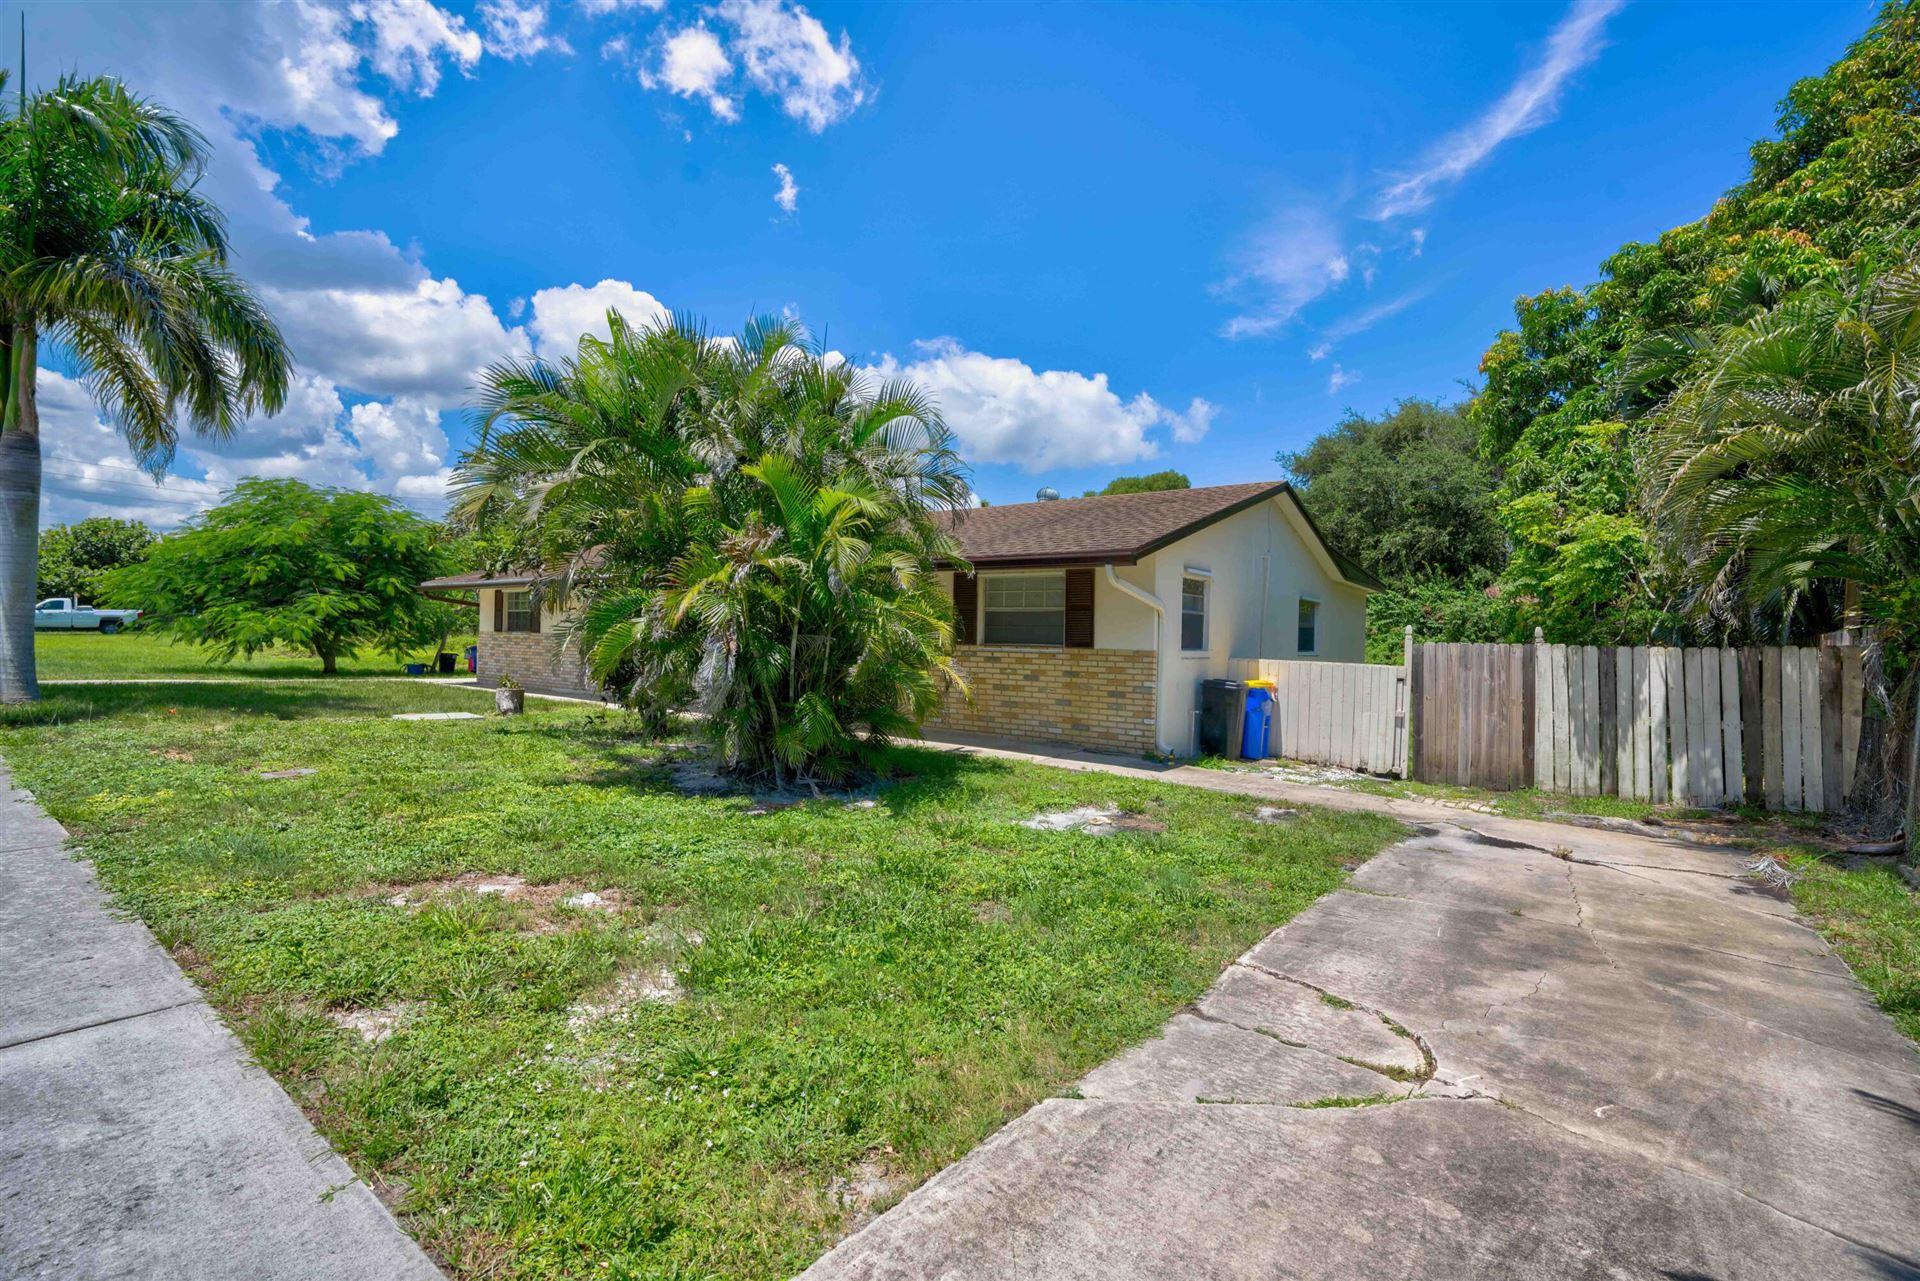 Photo of 3059 SE Amherst Street, Stuart, FL 34997 (MLS # RX-10734594)